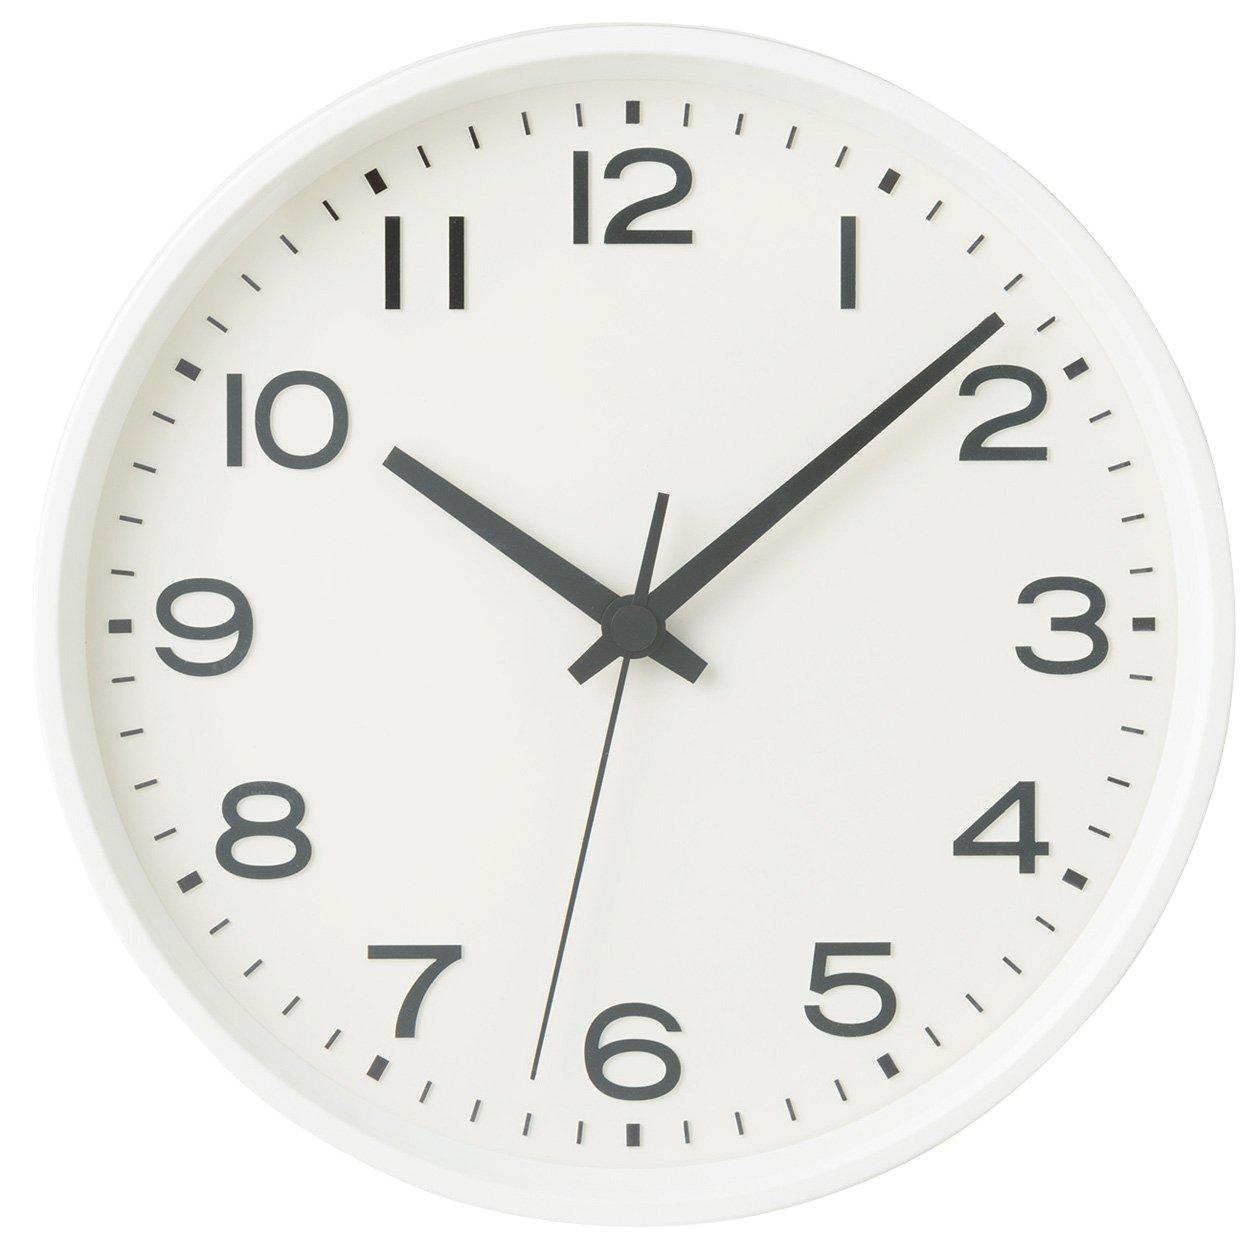 ムジムジくんなら実はムジムジくんがとっても気になっている時計です。無印のデジタルリストウォッチ、珍しいですよね?しかも、オシャレだけど、スポーティさもある  ...